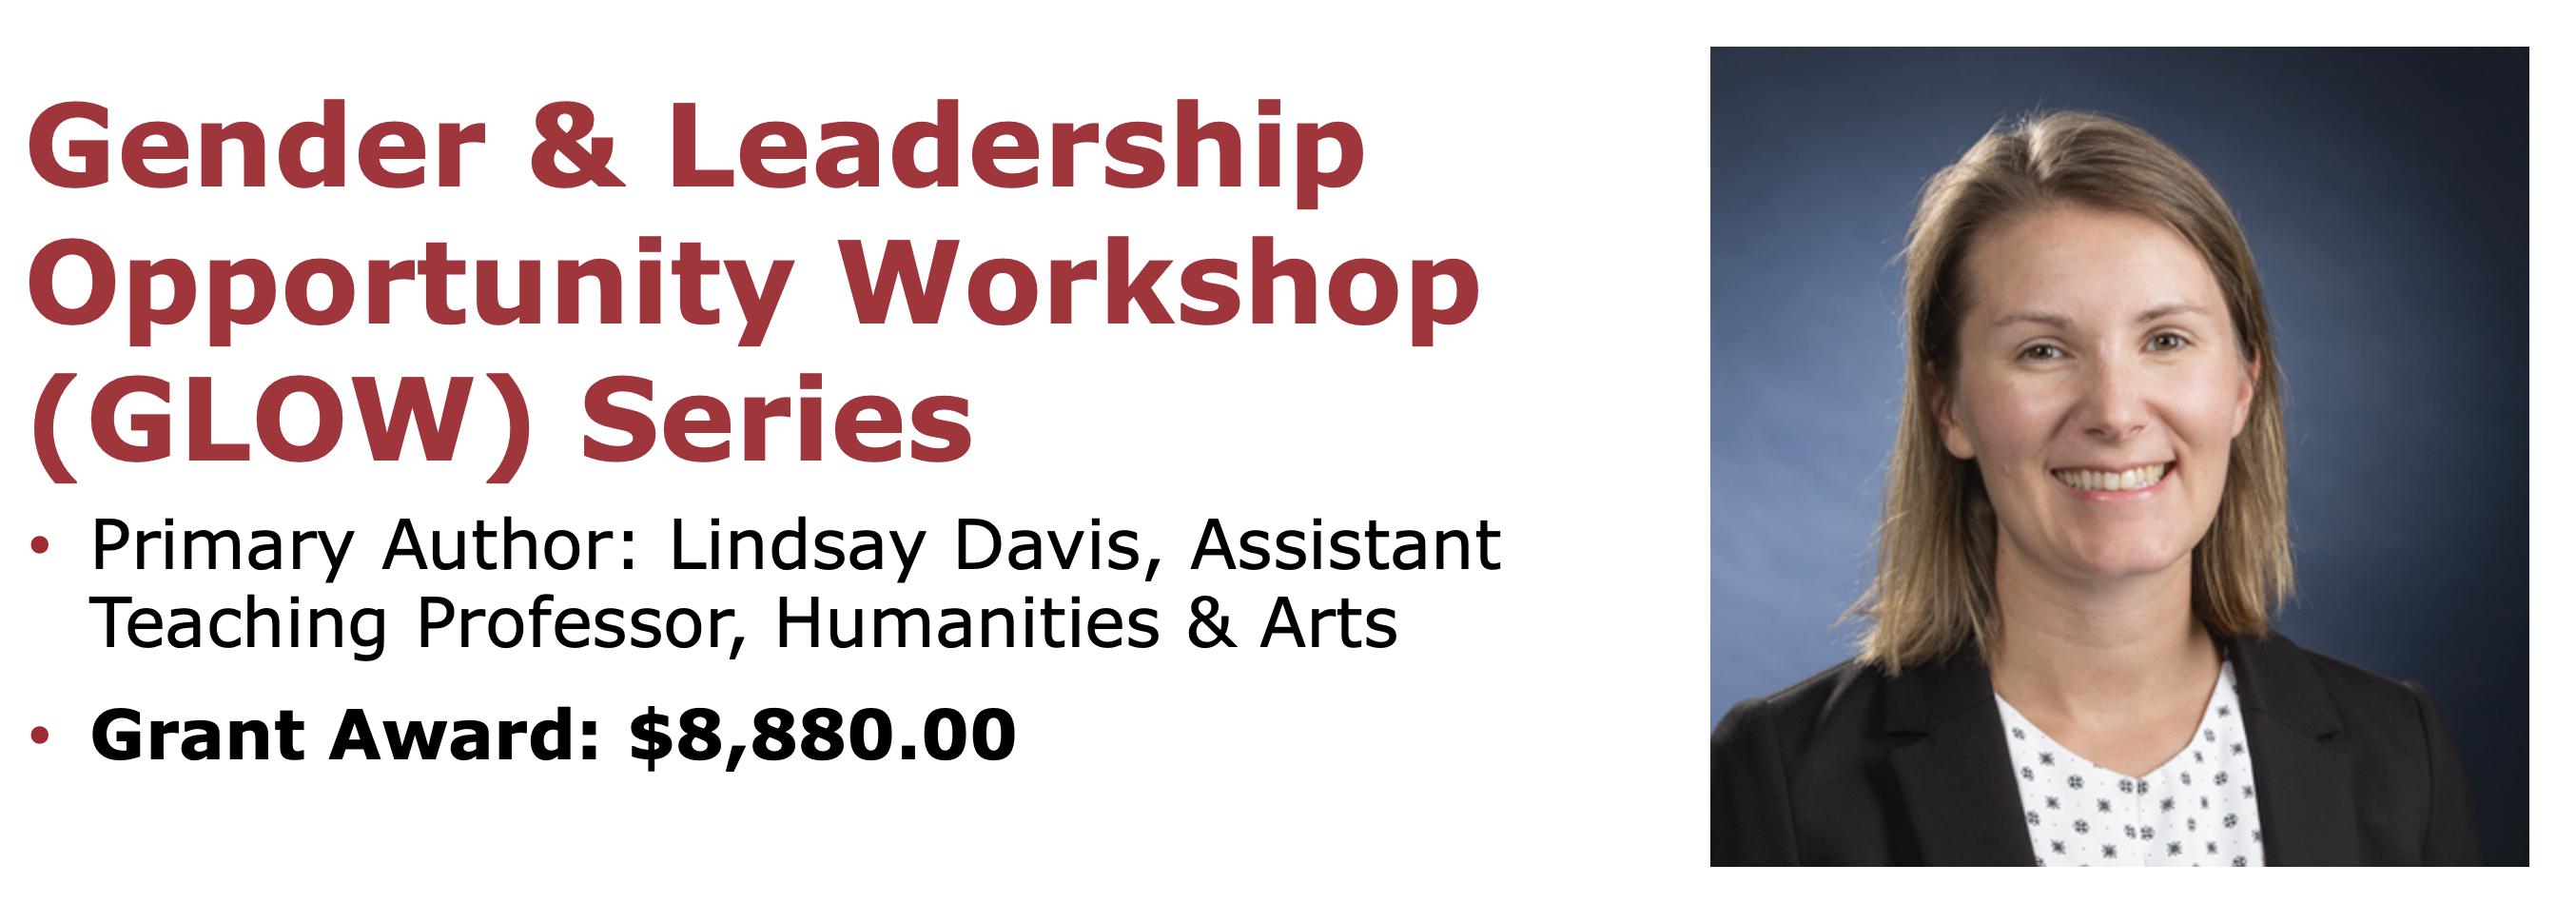 Gender & Leadership Opportunity Workshop (GLOW) Series